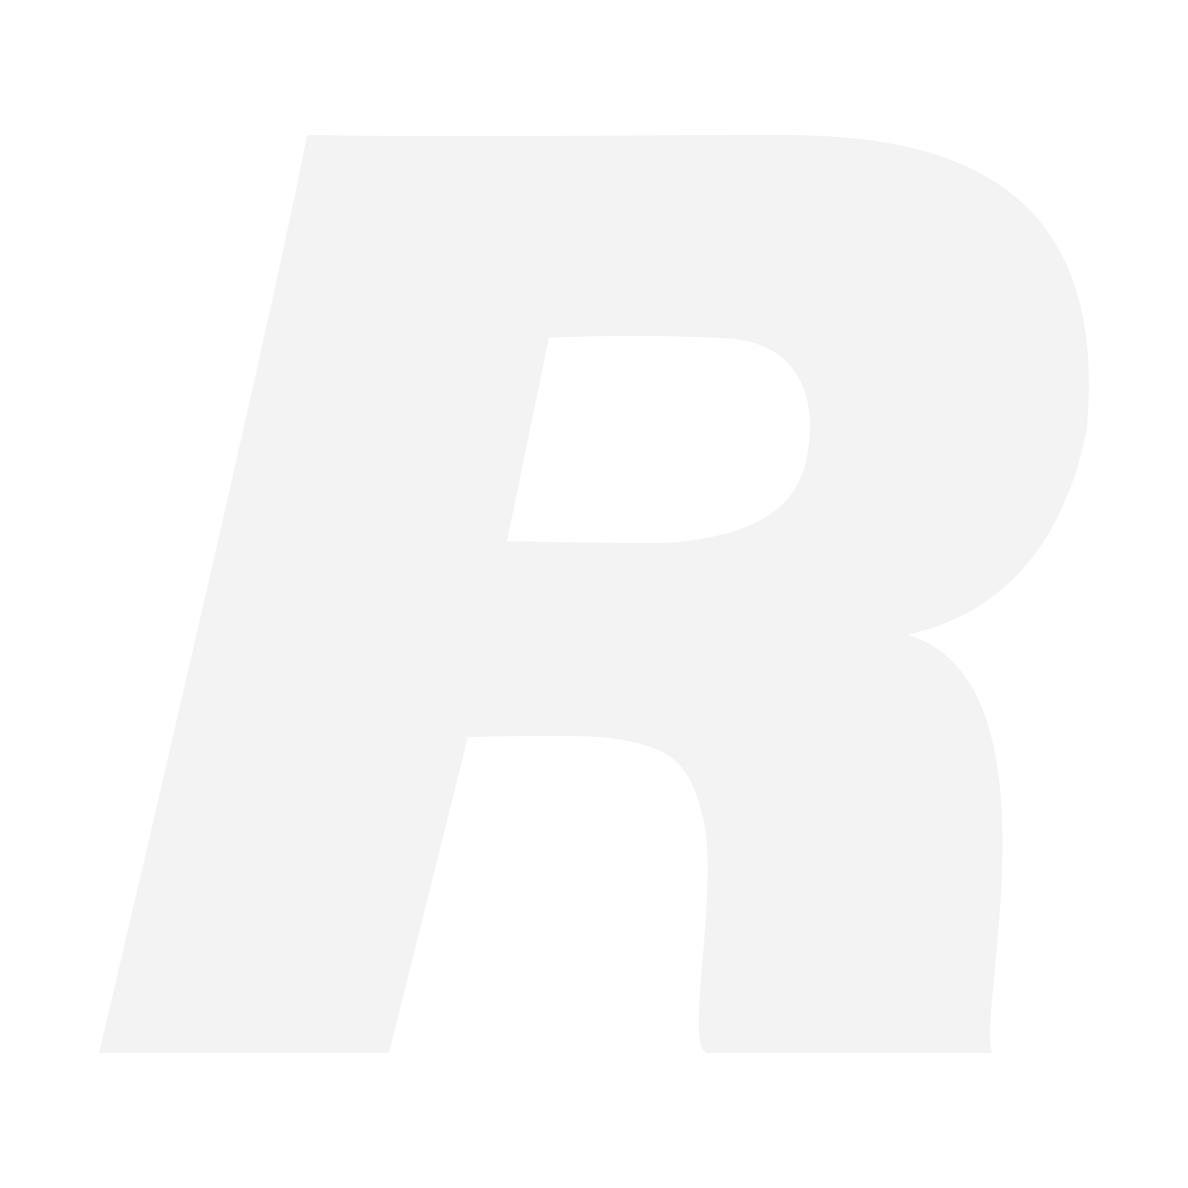 Köp en Sony A7R Mark III, SWAP IT mot din gamla A7R Mark II